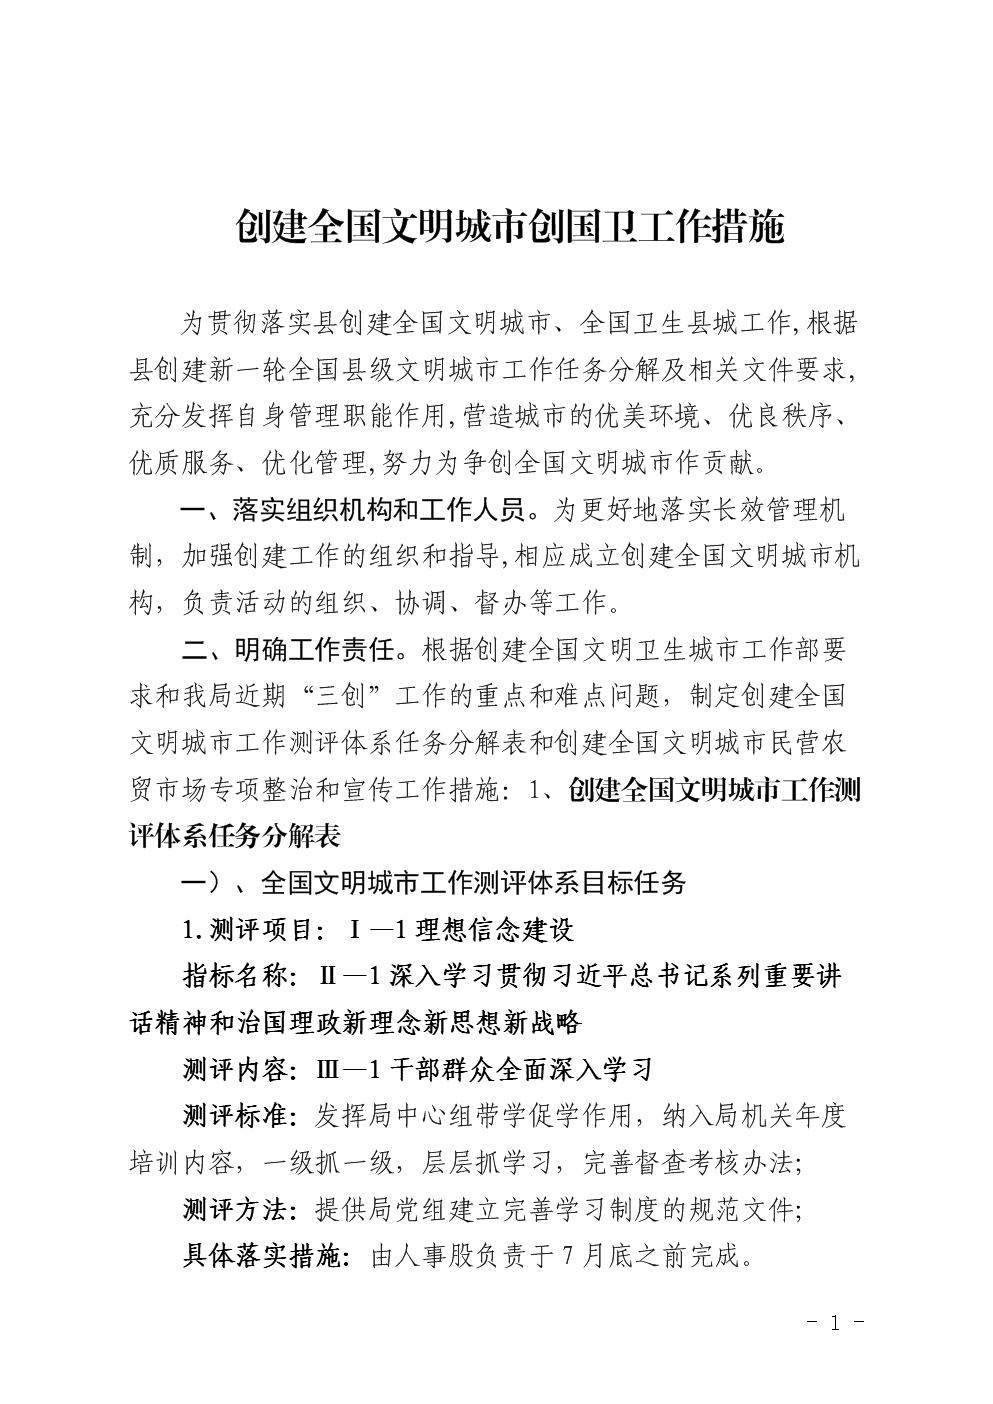 创建全国文明城市及全国卫生县城工作措施.doc